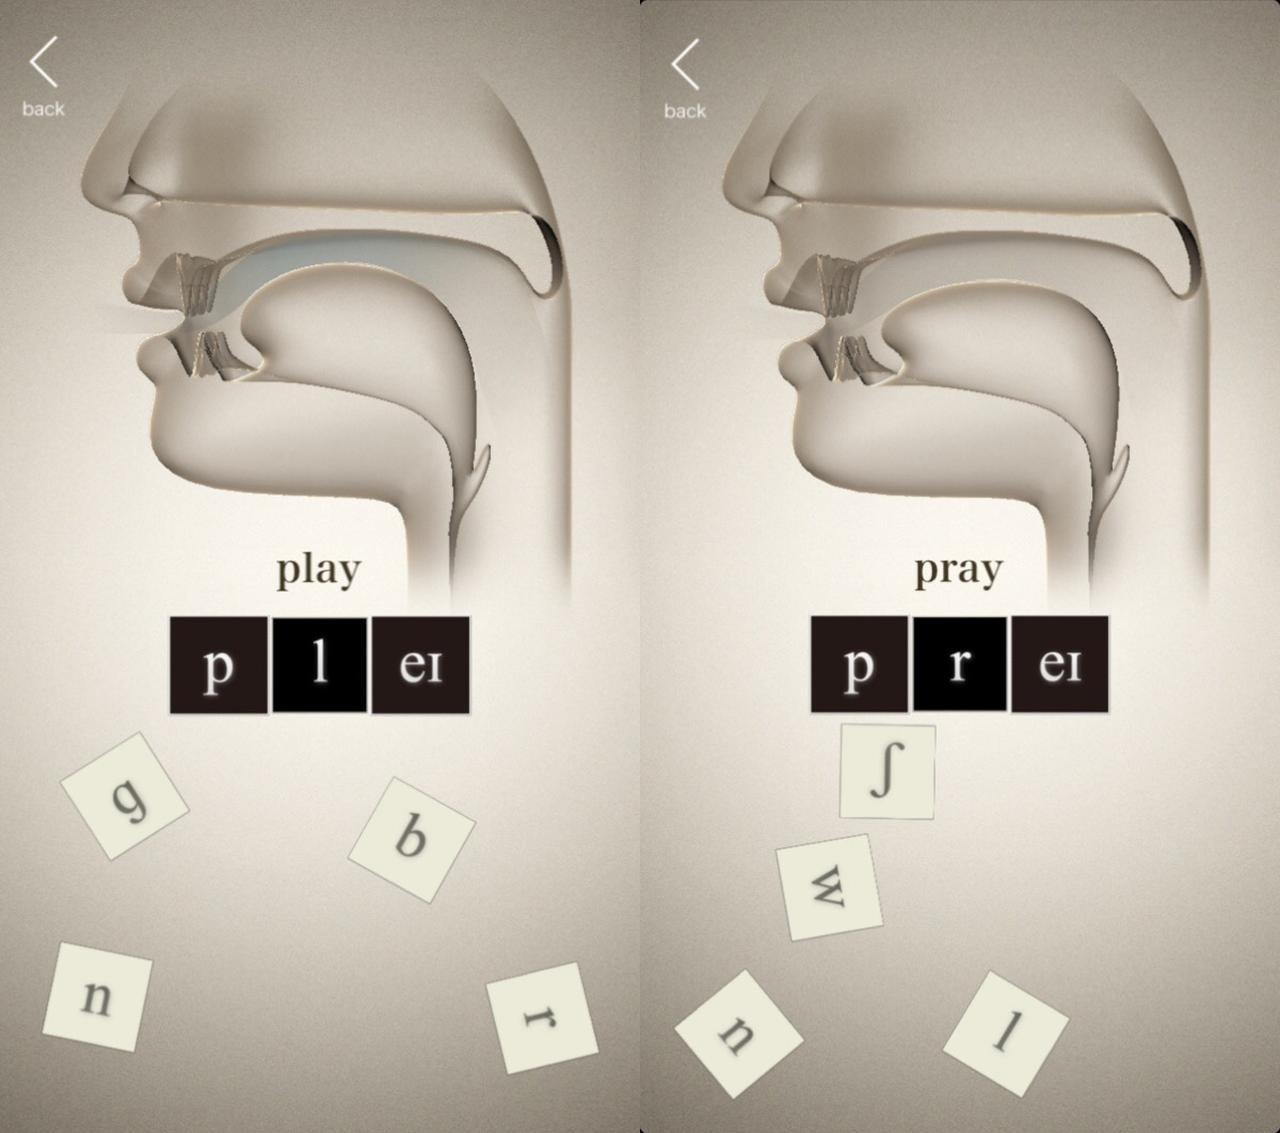 画像4: 似ている発音聞き分けチャレンジ!あなたはどれだけ答えられる?